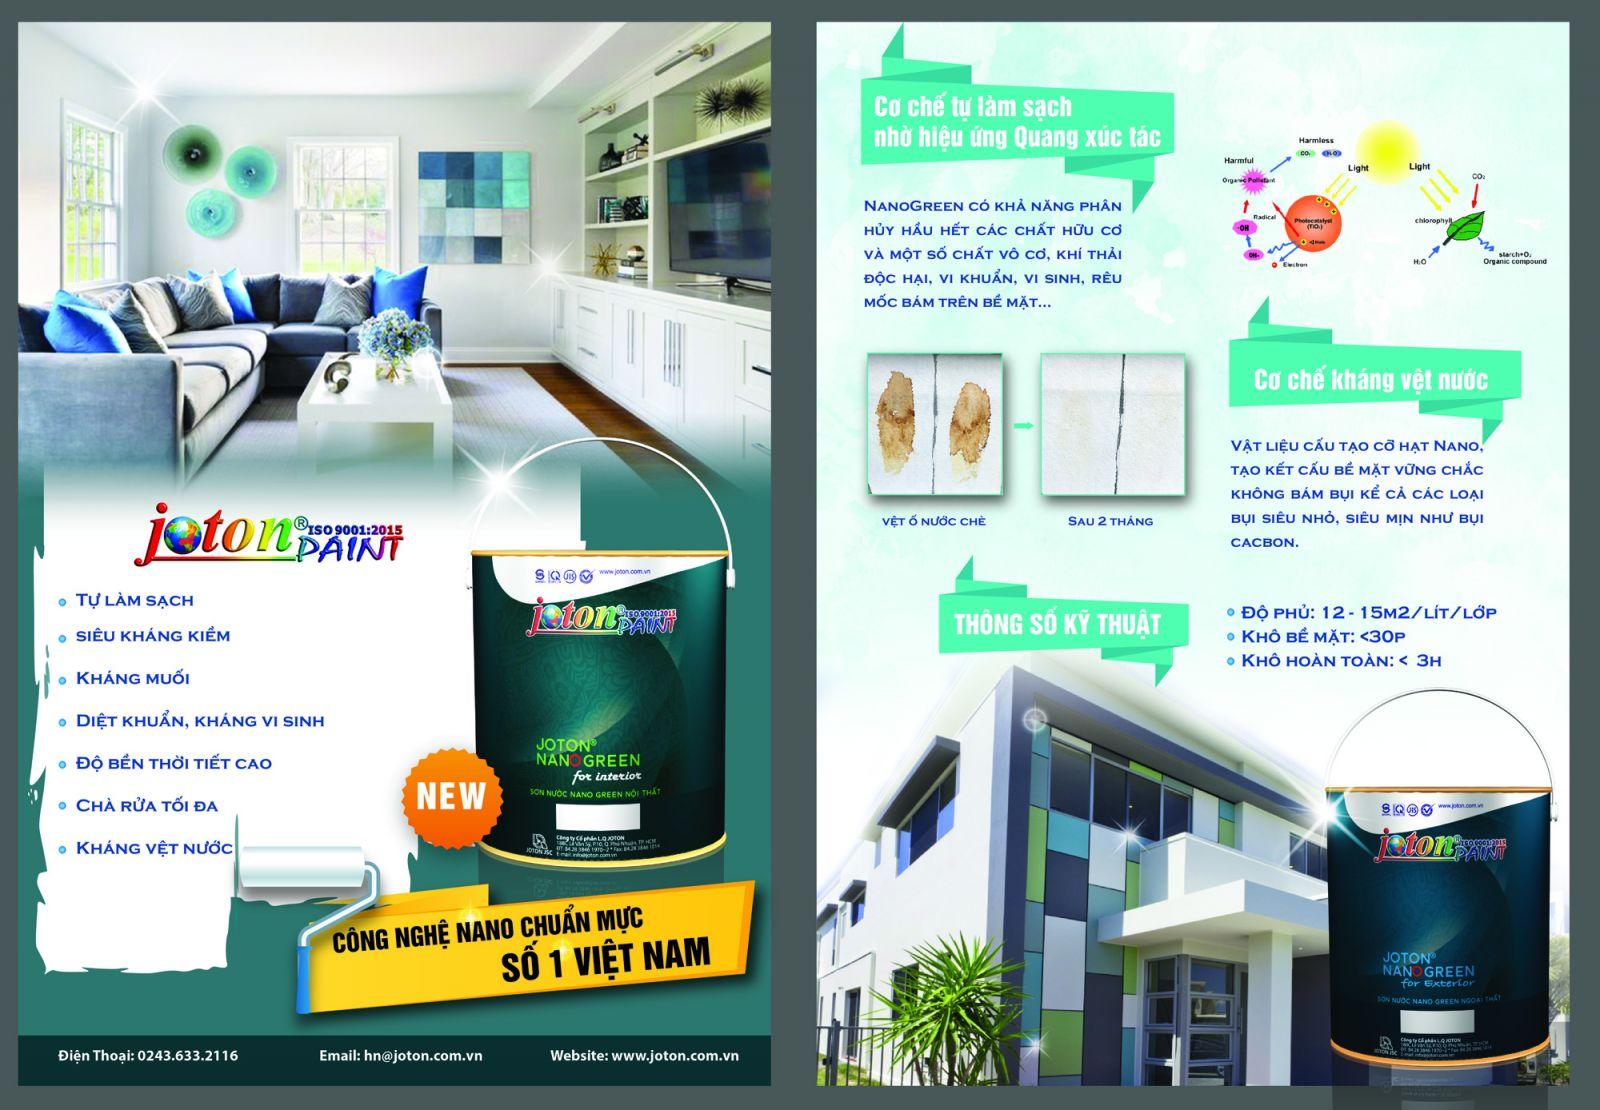 Một số cơ chế hoạt động của Joton Nano Green nội thất